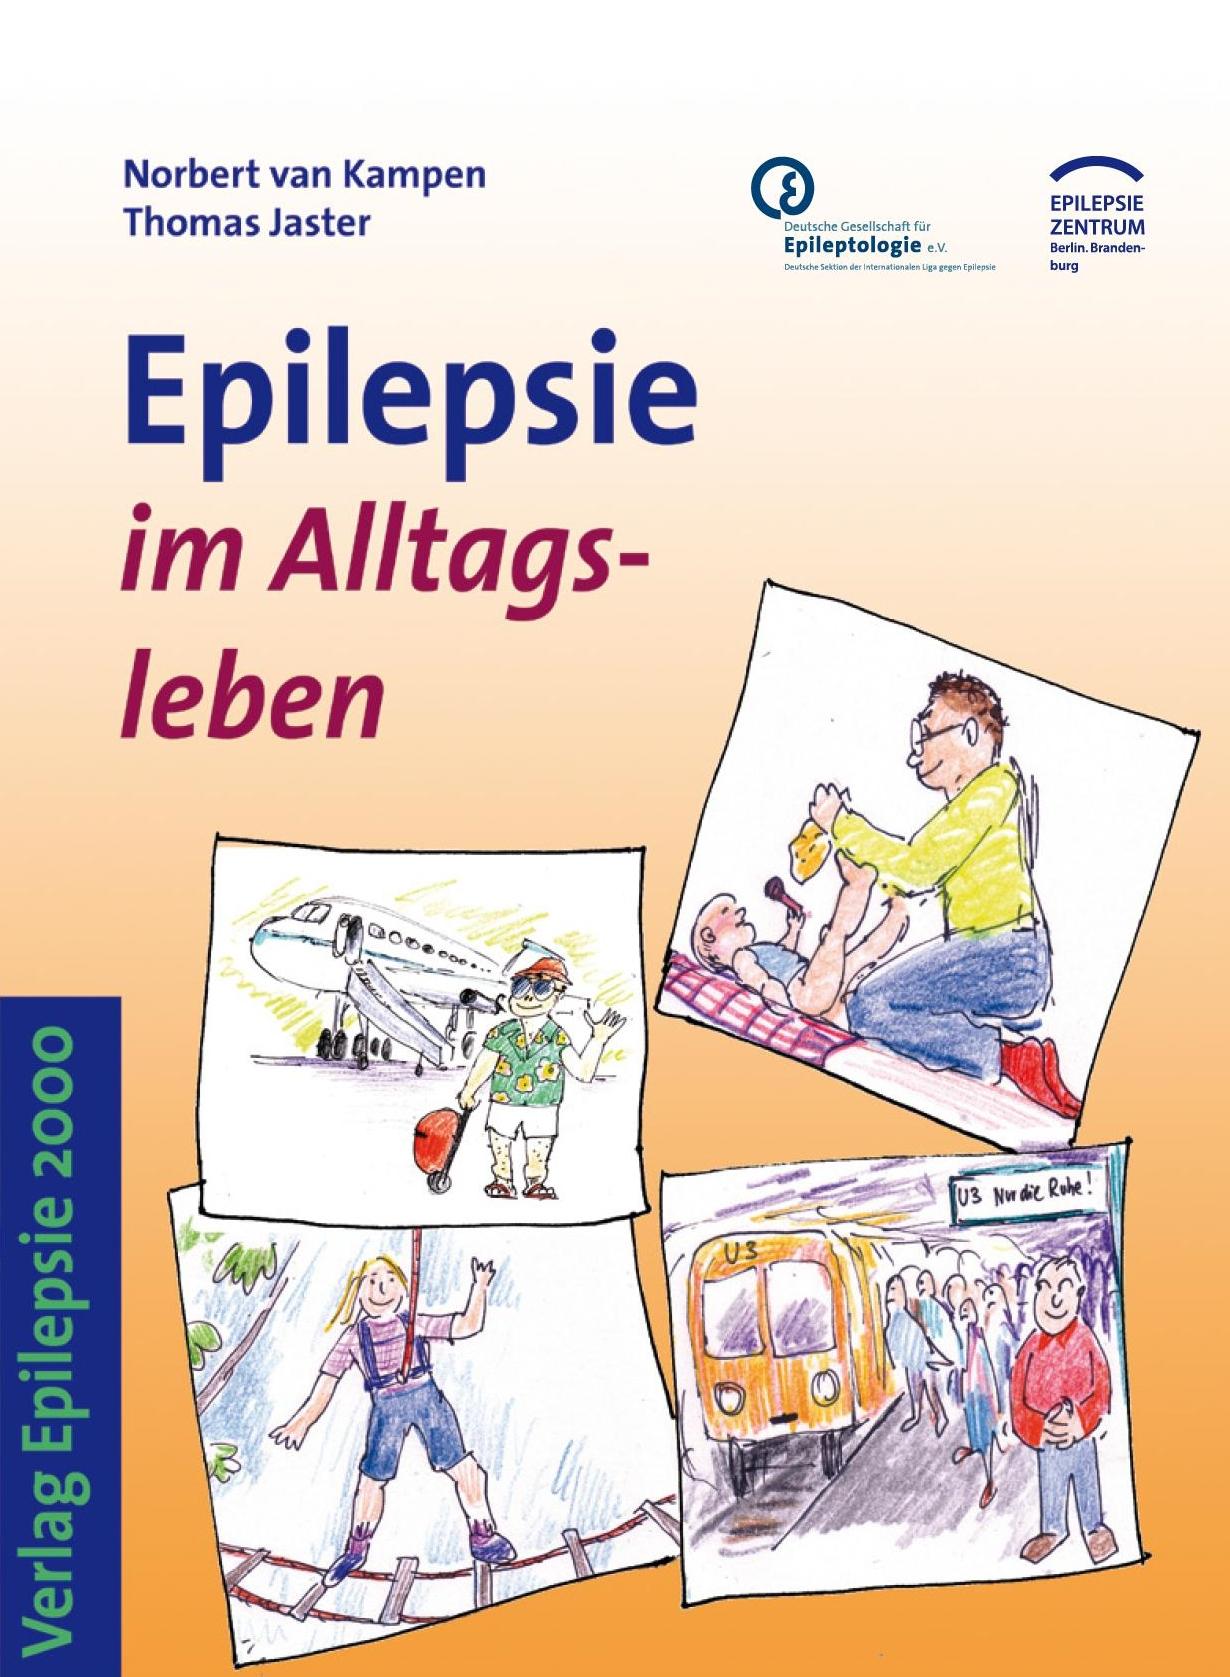 Broschüre Epilepsie im Alltagsleben wieder lieferbar